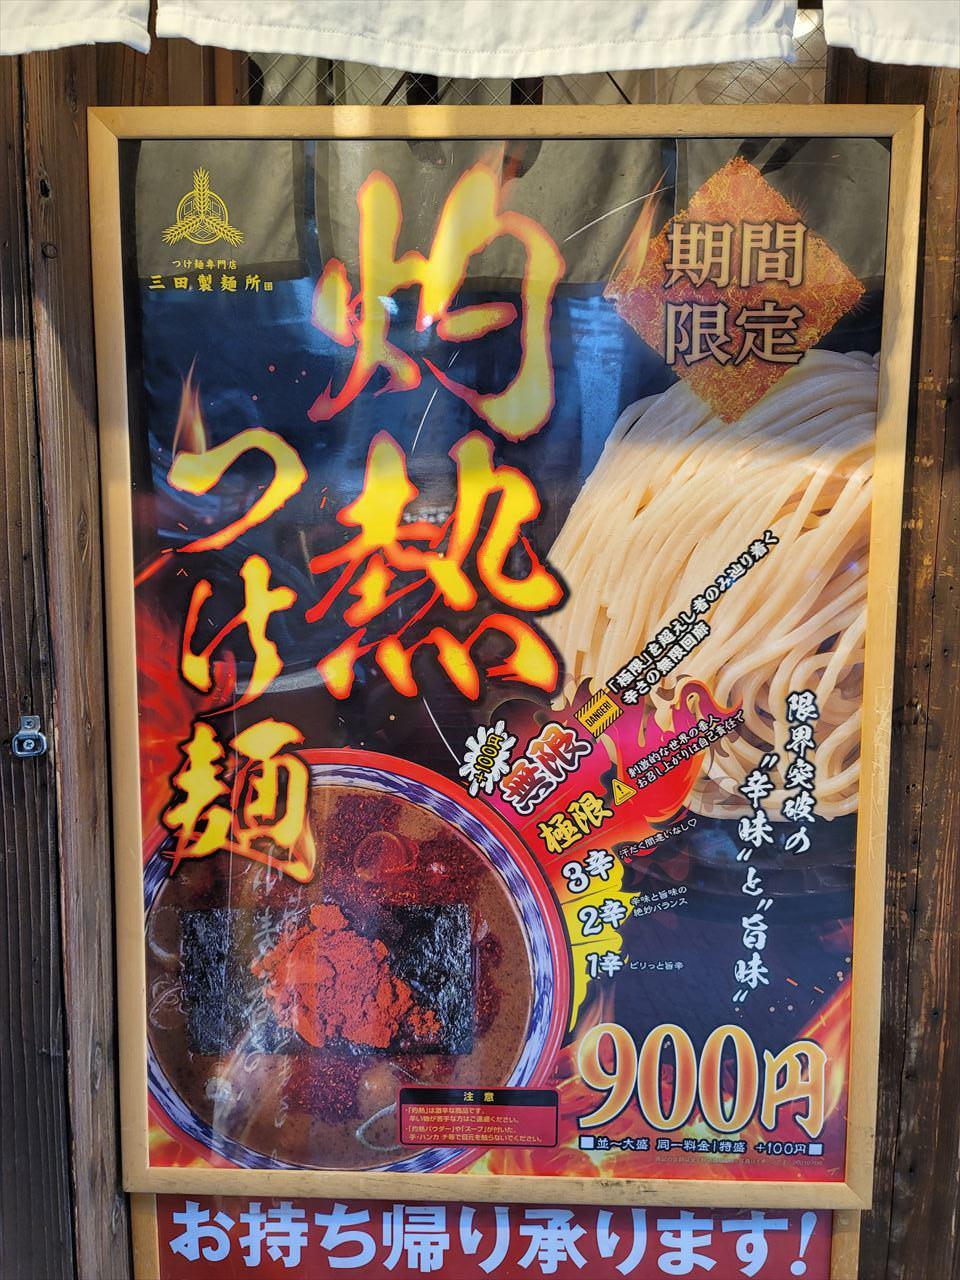 三田製麺所「灼熱つけ麺」 02 04